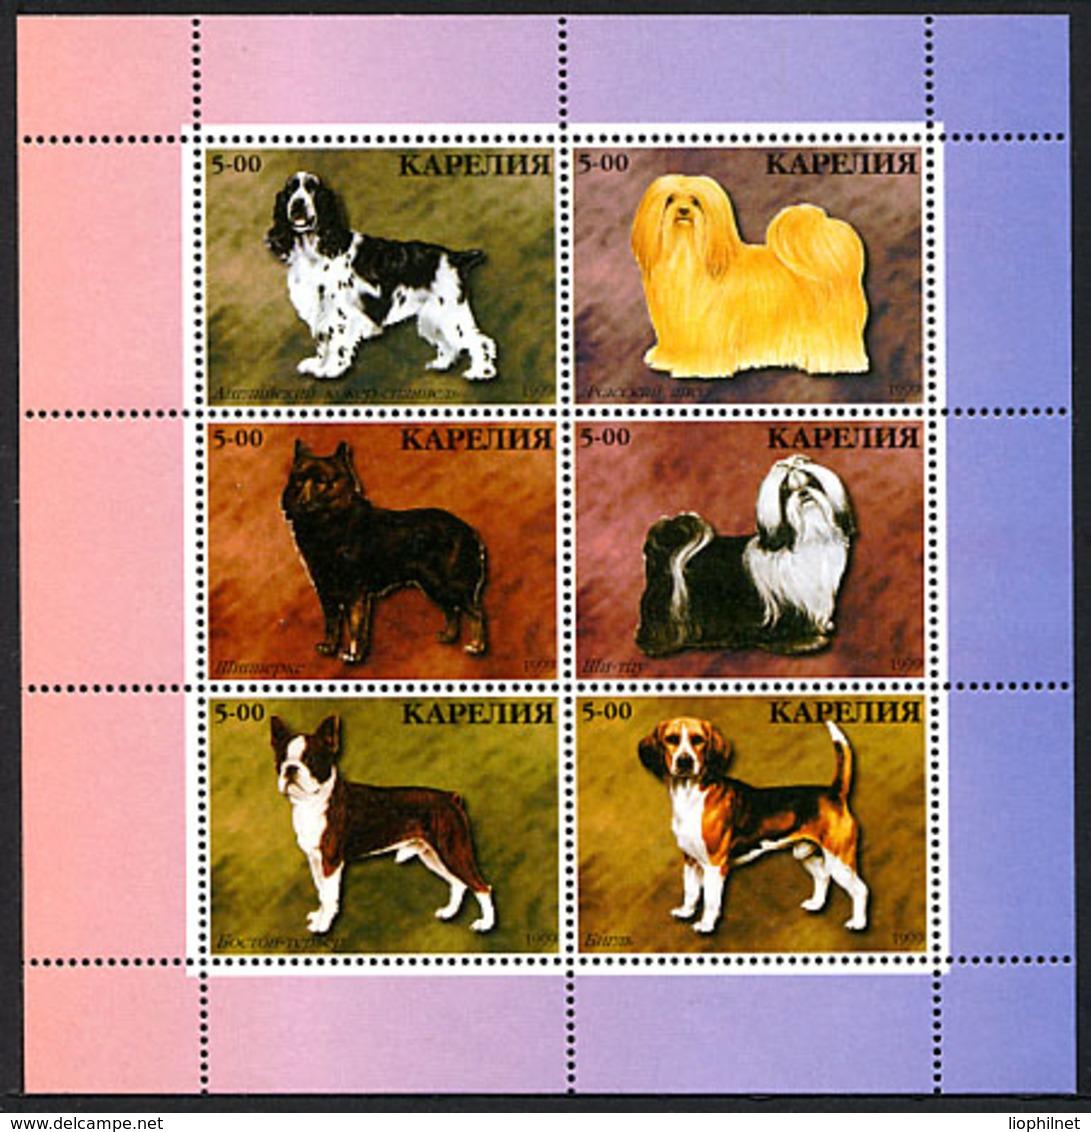 CARELIE KARELIA 1999, CHIENS / DOGS, Feuillet De 6 Valeurs, NEUFS / MINT. R1331 - Vignettes De Fantaisie